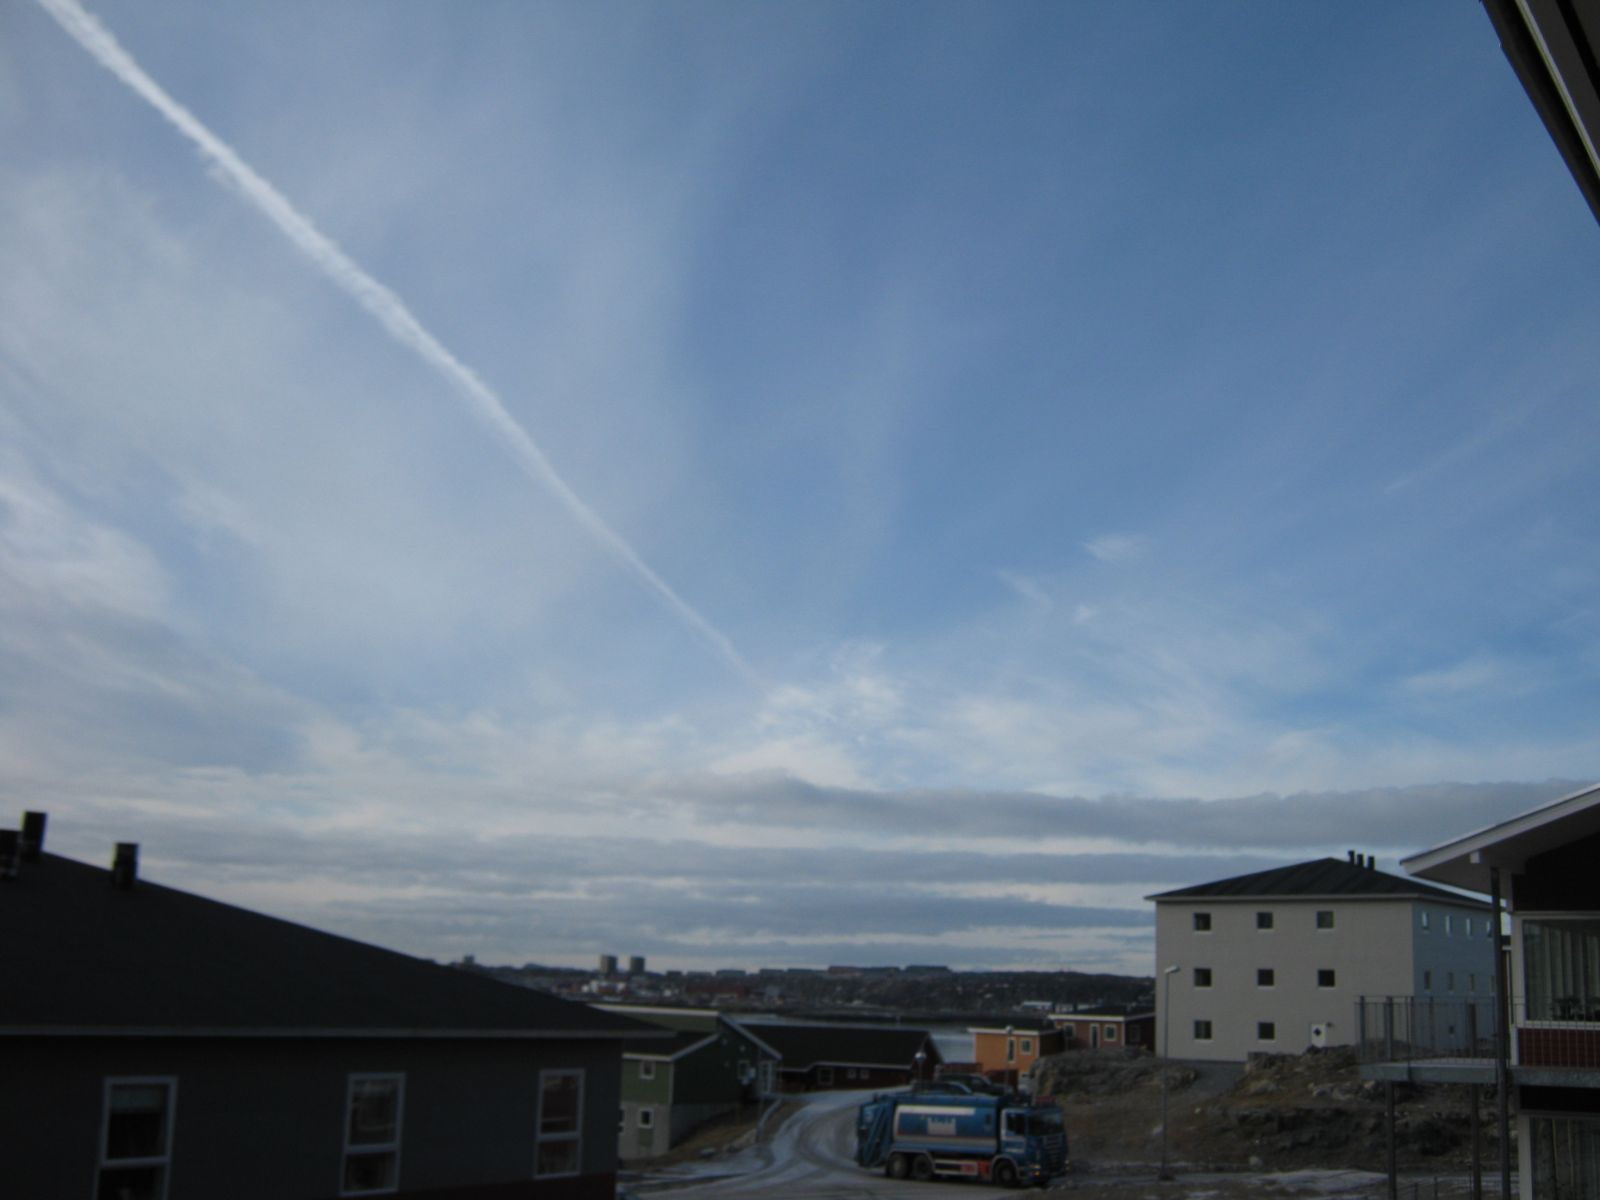 2010-02-15-1328_-_Udsigt fra altan_3